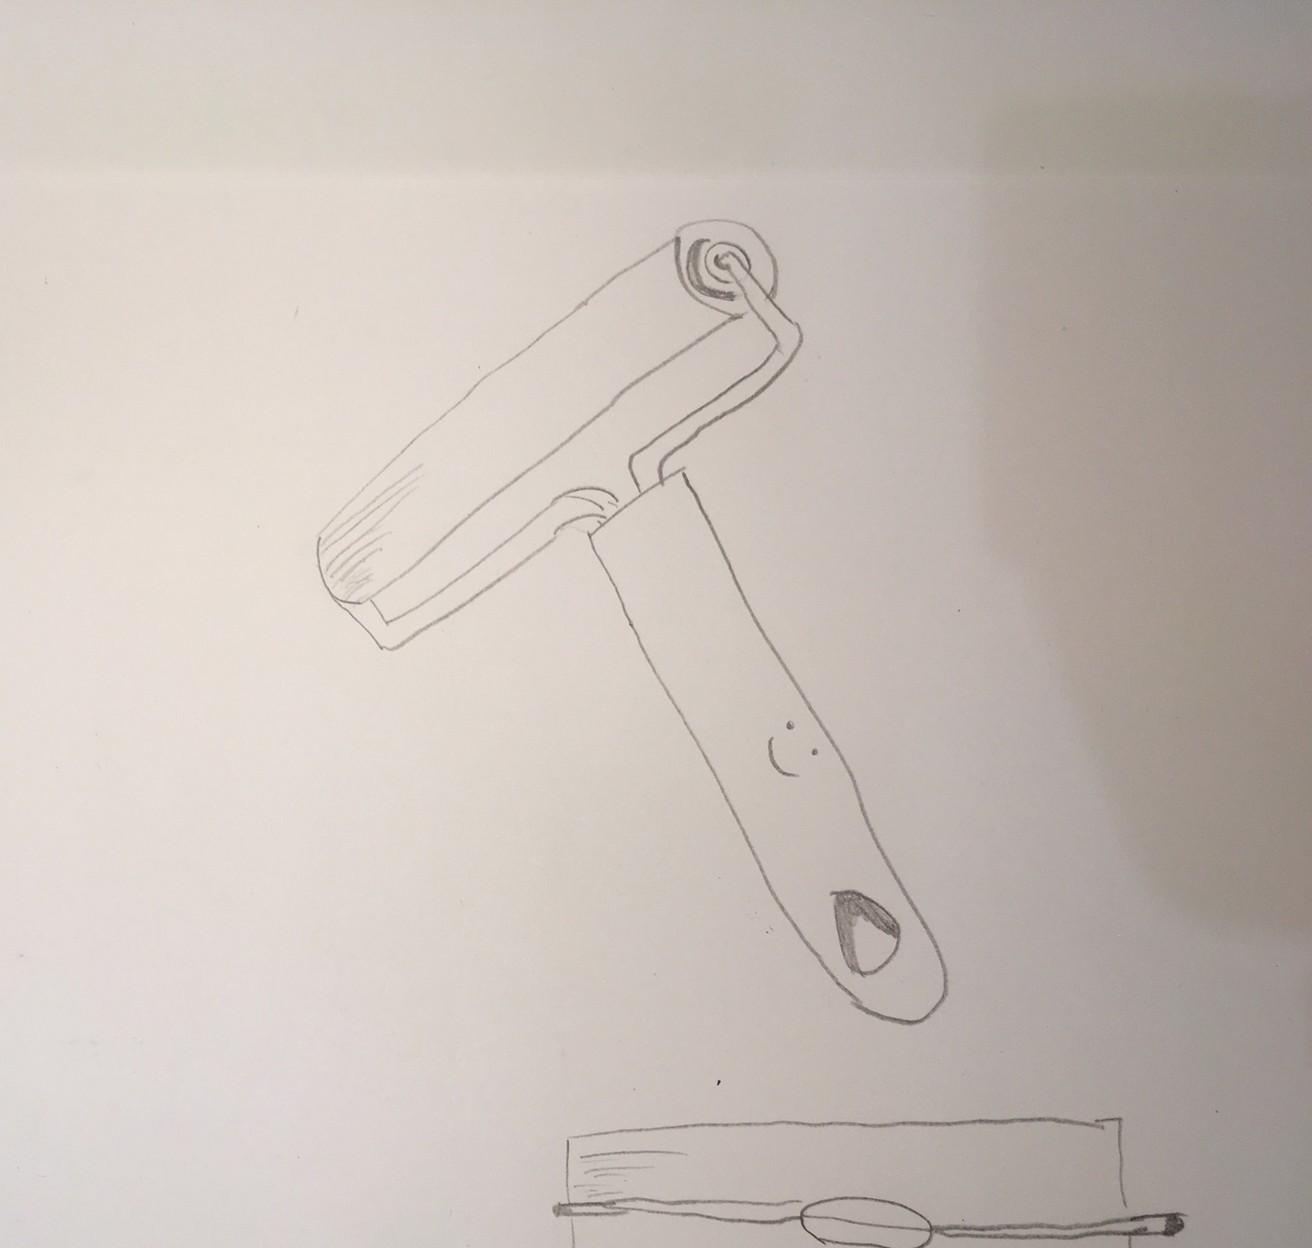 鉛筆で描こう~立体の表現へ向けて~_d0076558_15173786.jpg